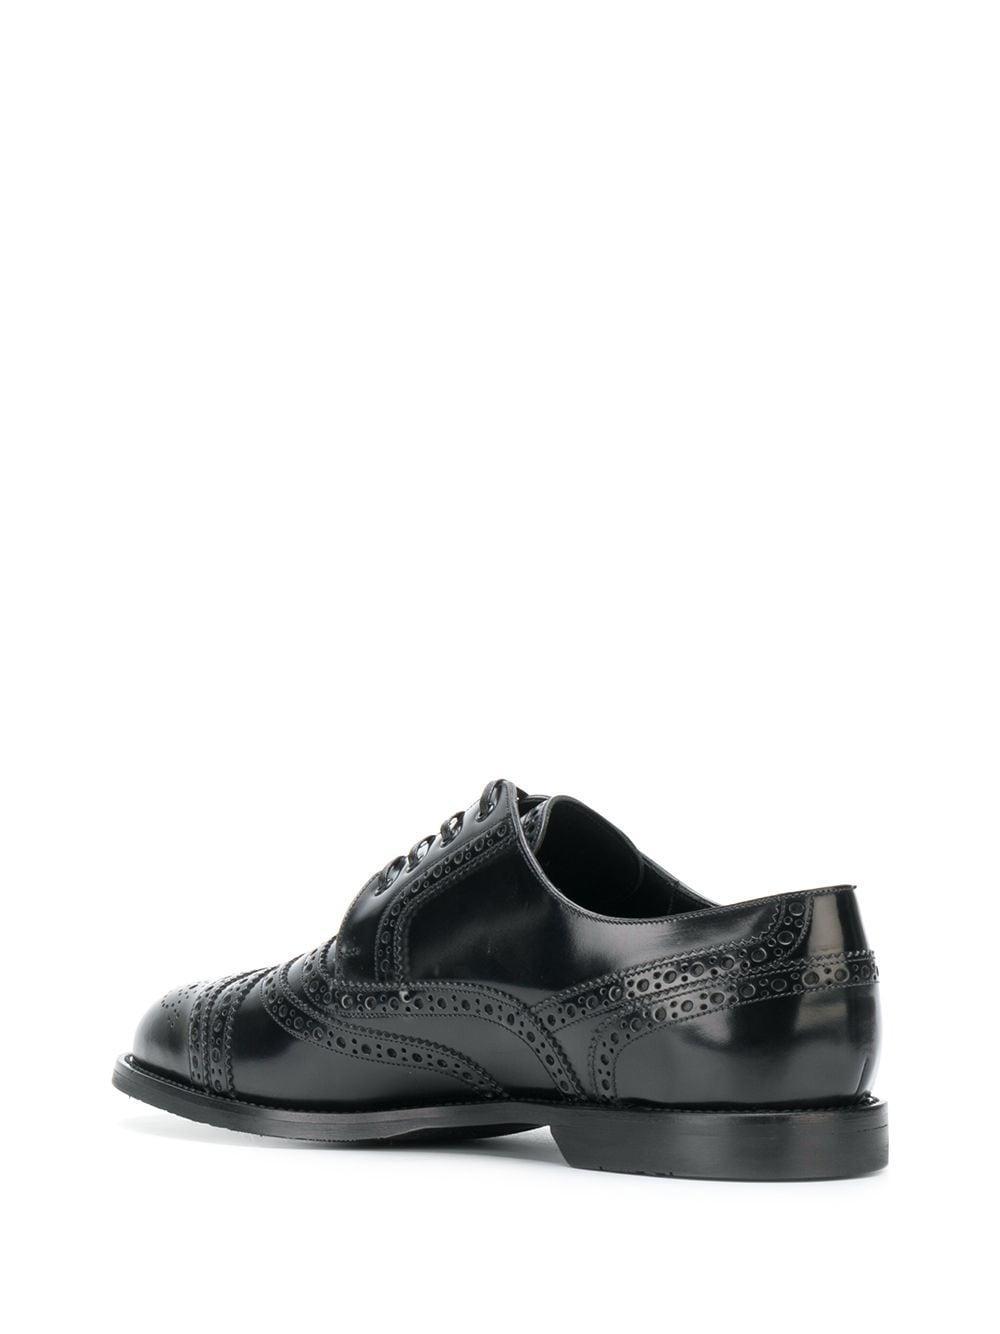 Zapatos derby estilo brogues Dolce & Gabbana de Cuero de color Negro para hombre